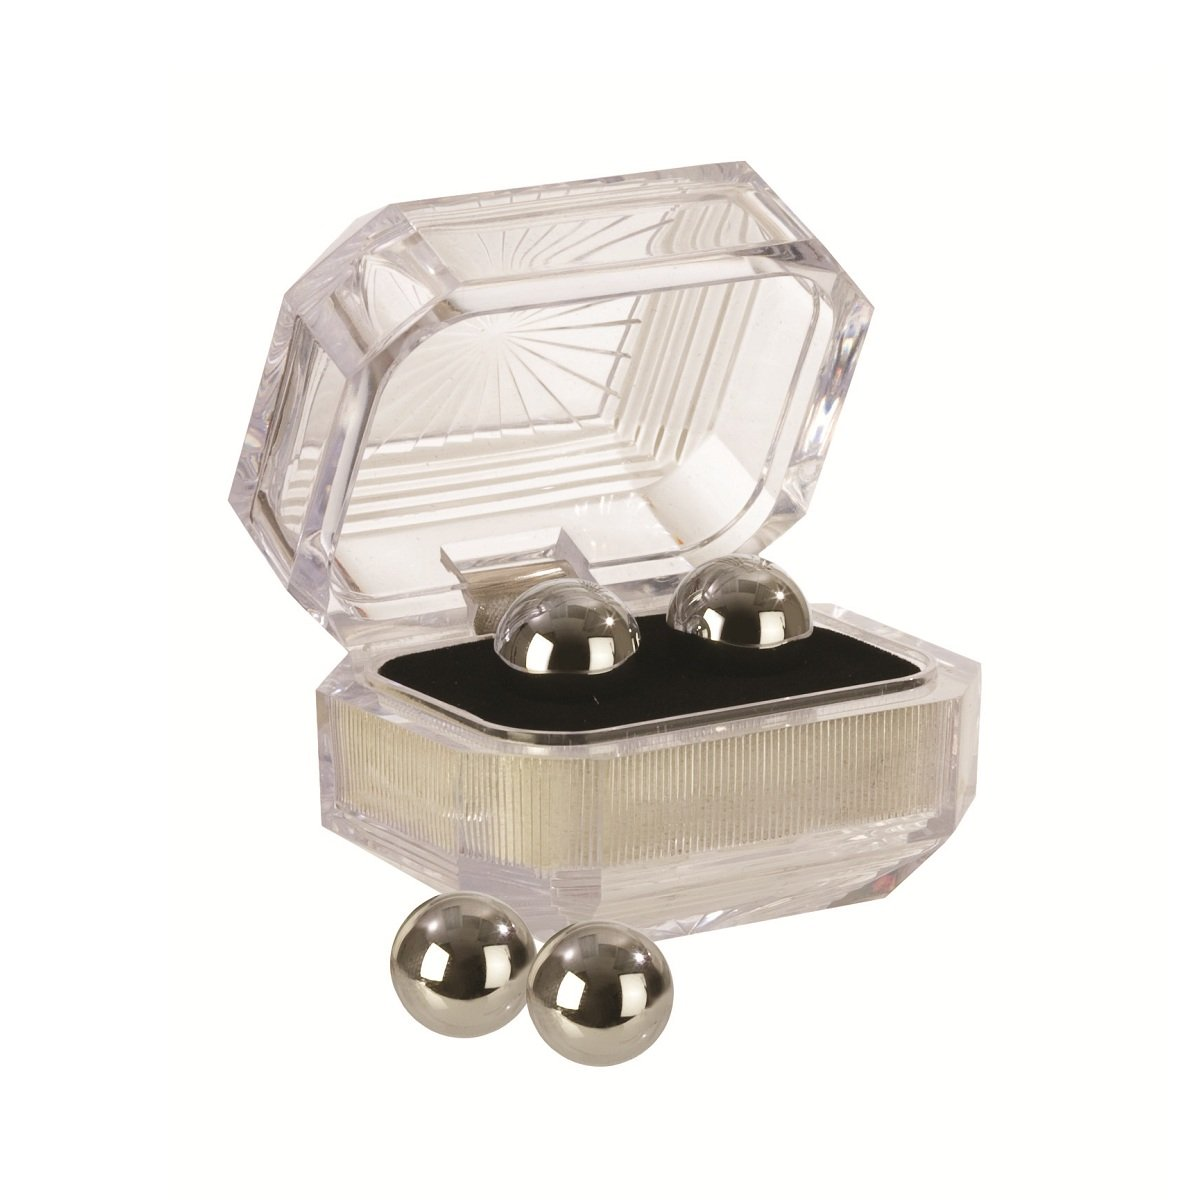 Серебристые вагинальные шарики Silver Balls In Presentation Box